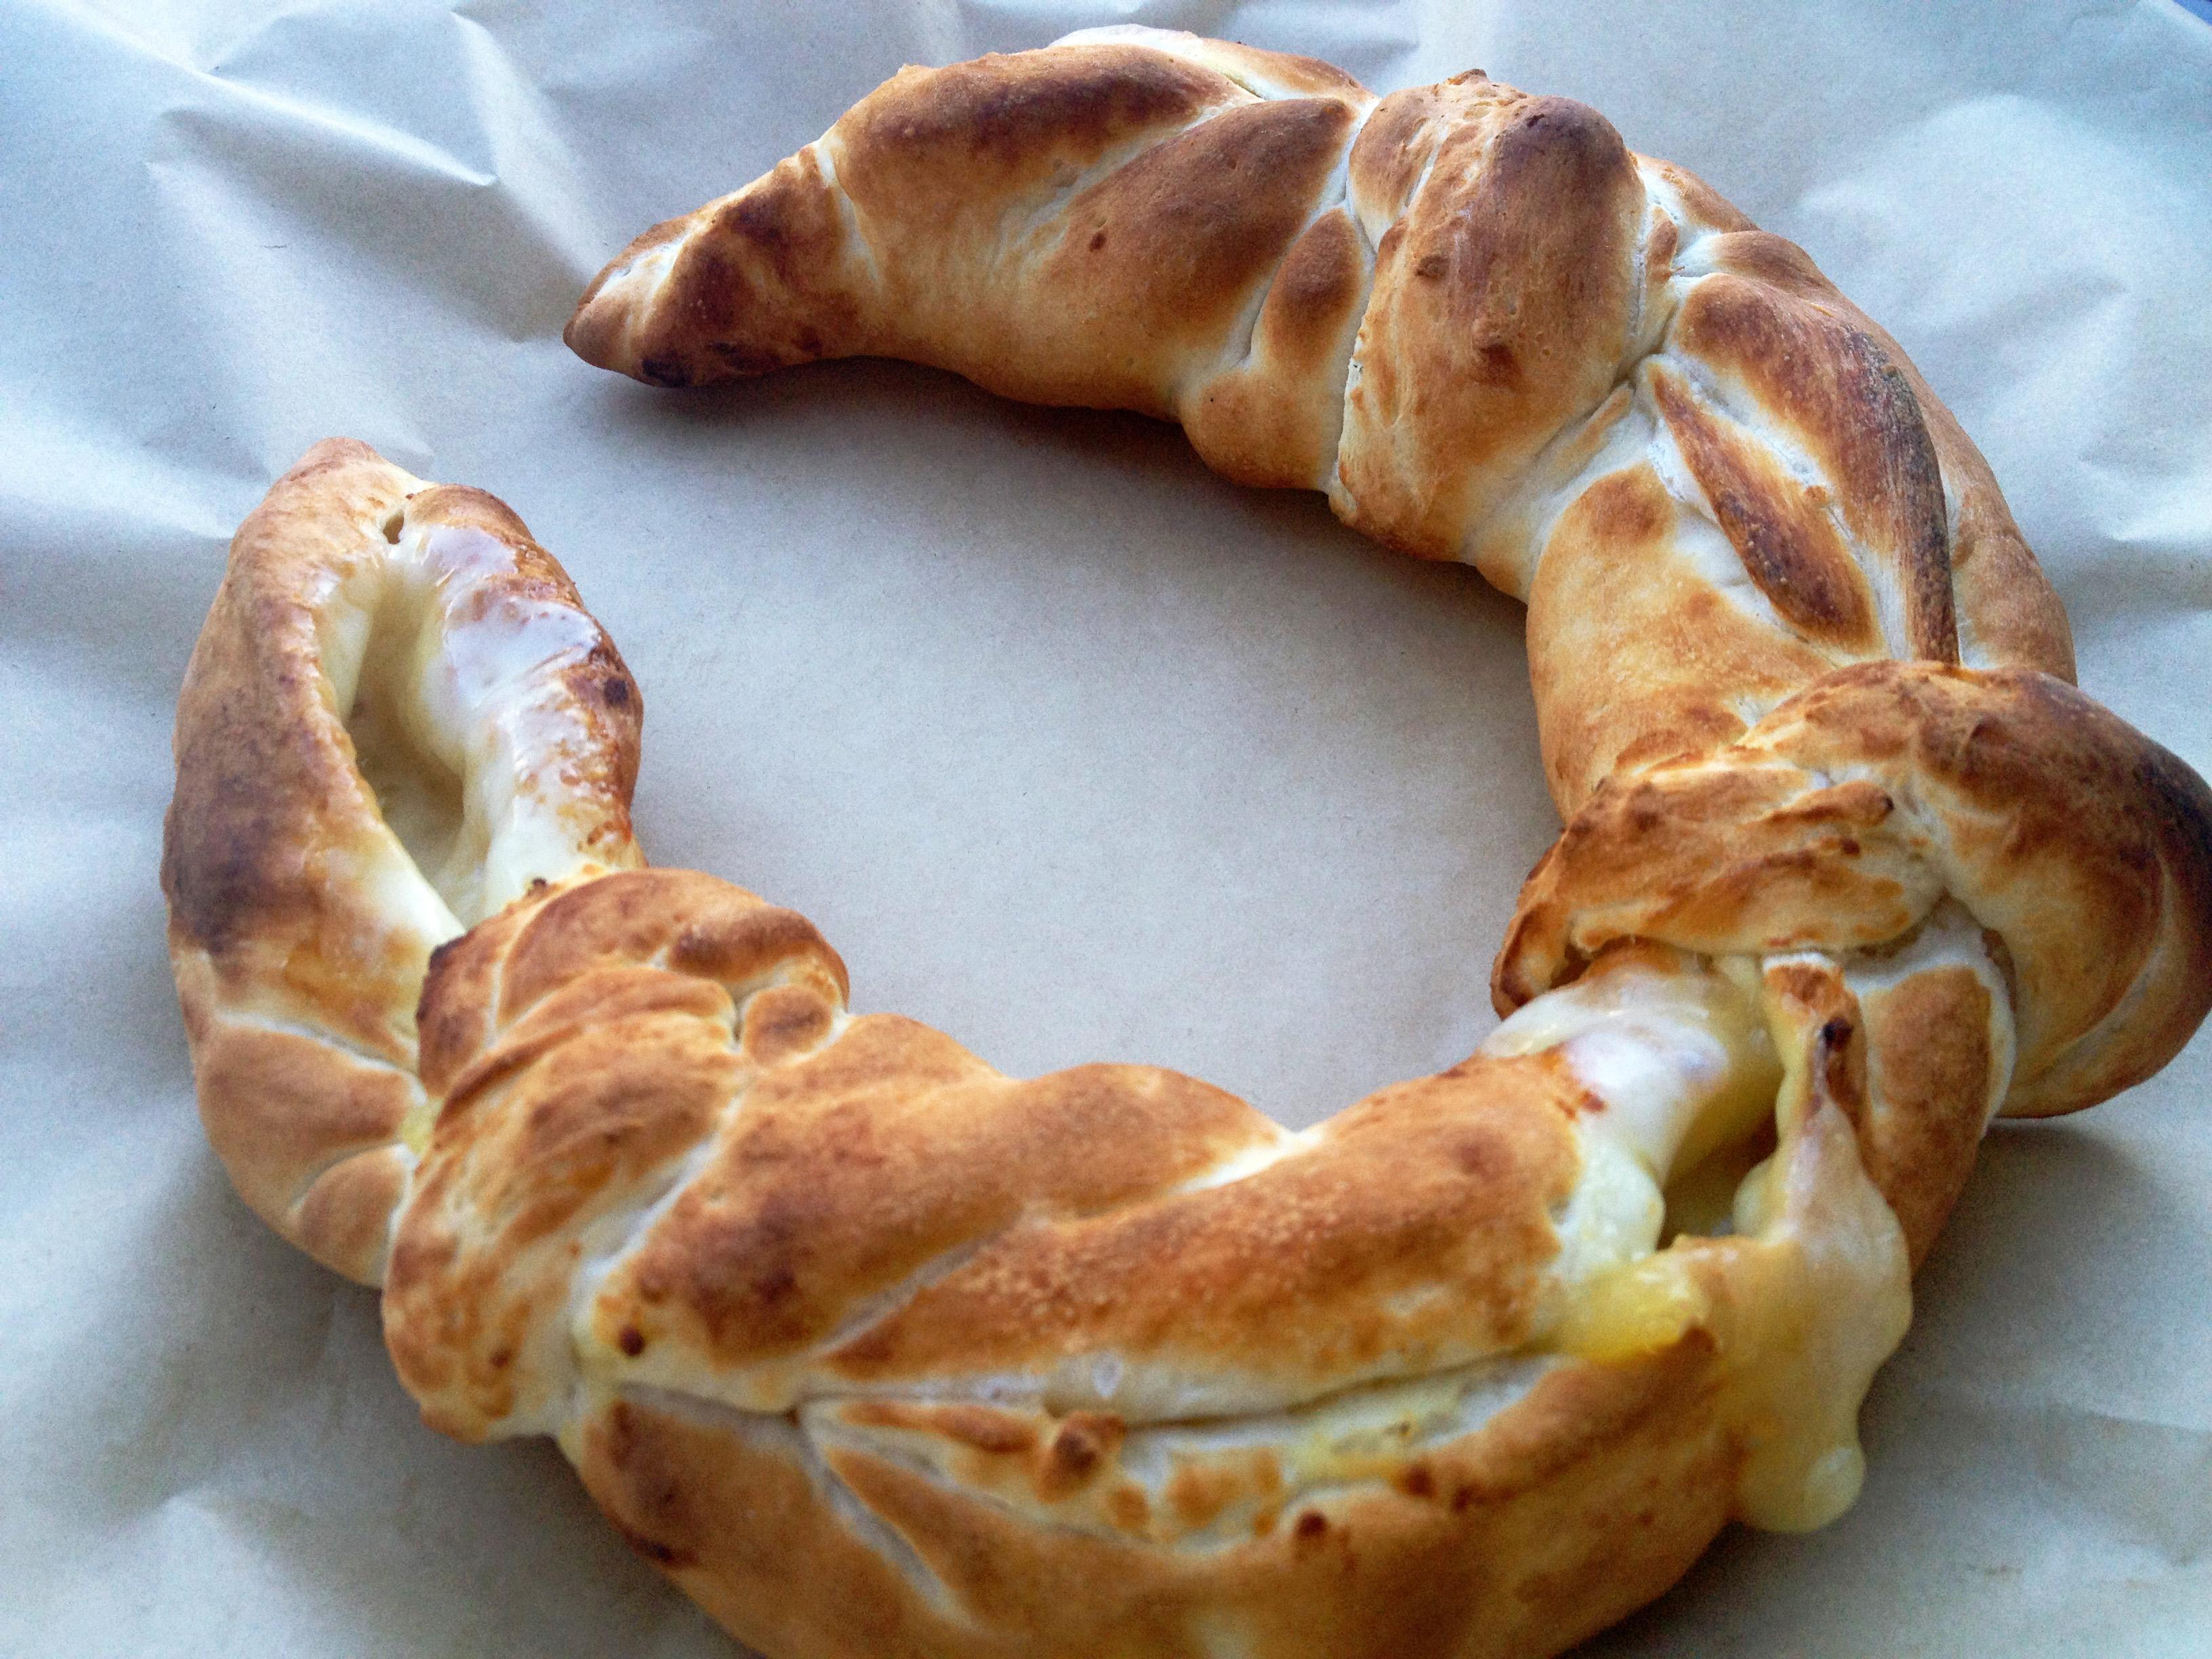 ... cooled homemade pretzels ready sweet pretzels sweet pretzels on a